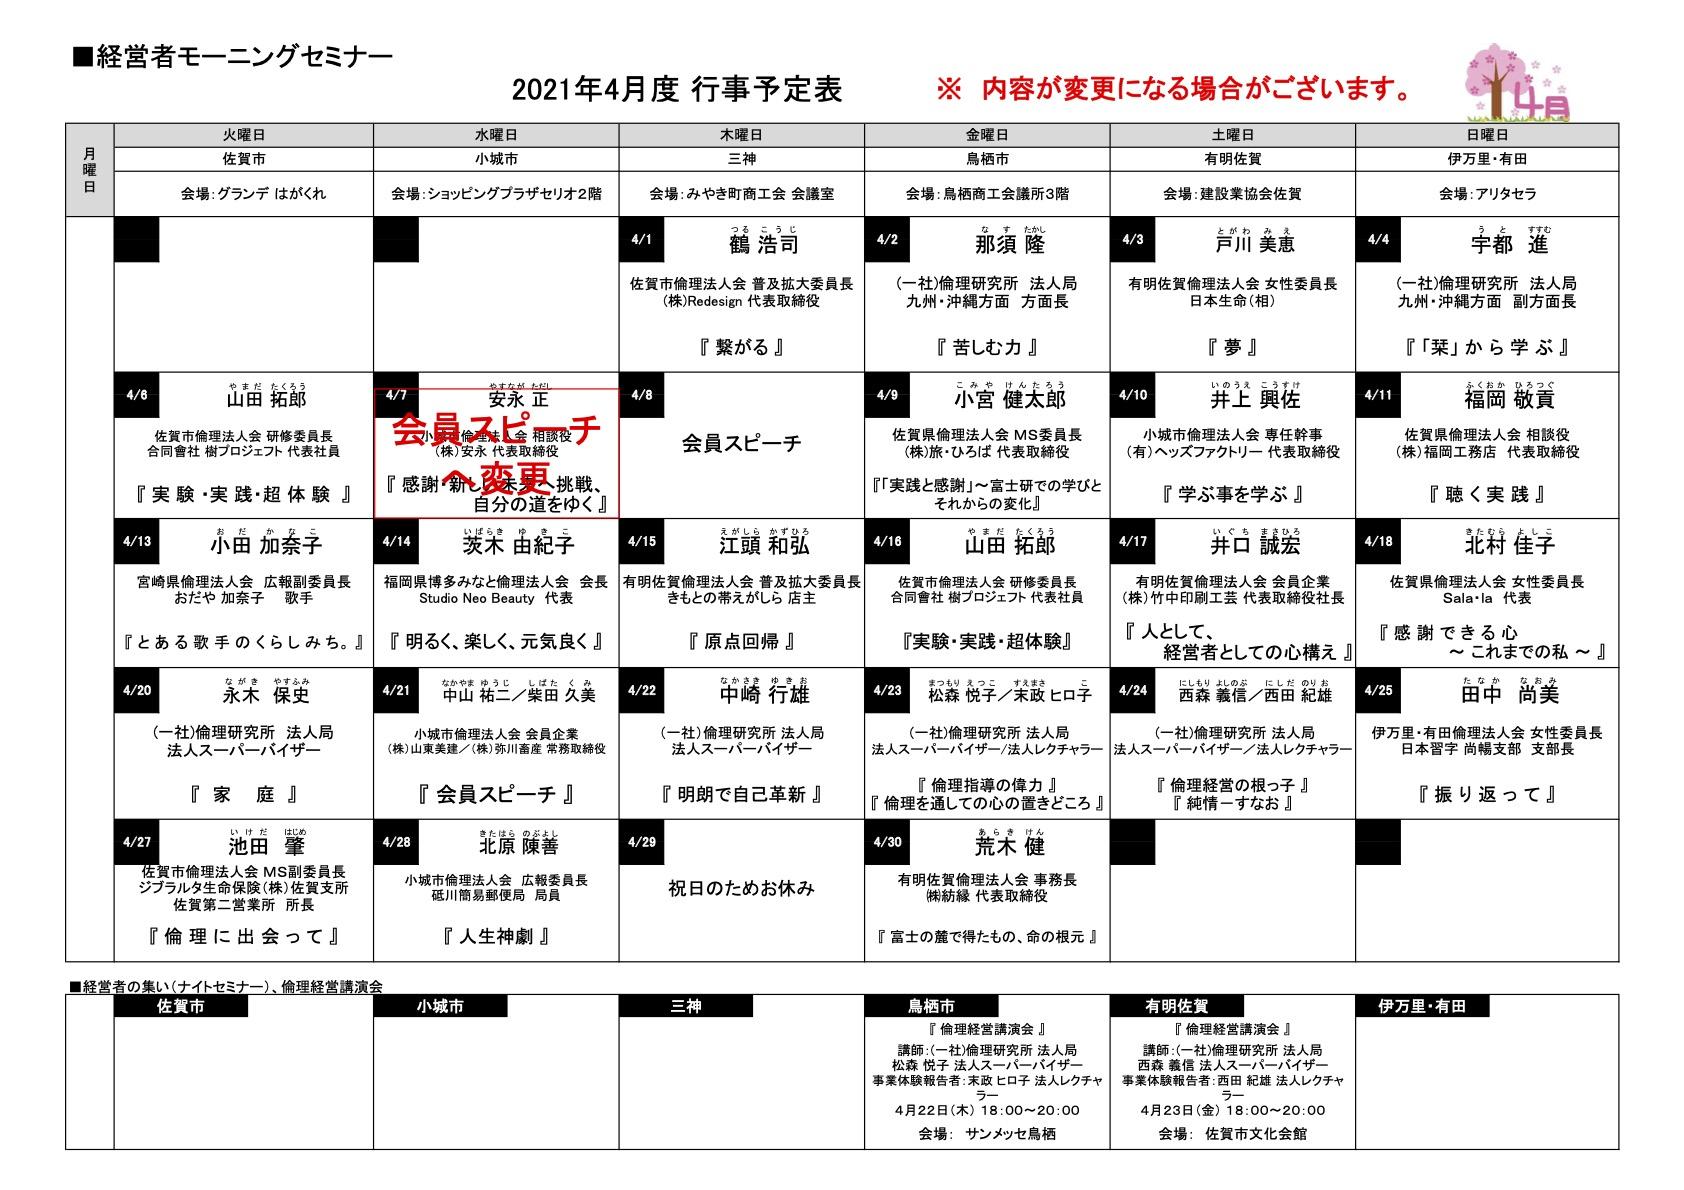 佐賀県倫理法人会 2021年4月度 行事予定表